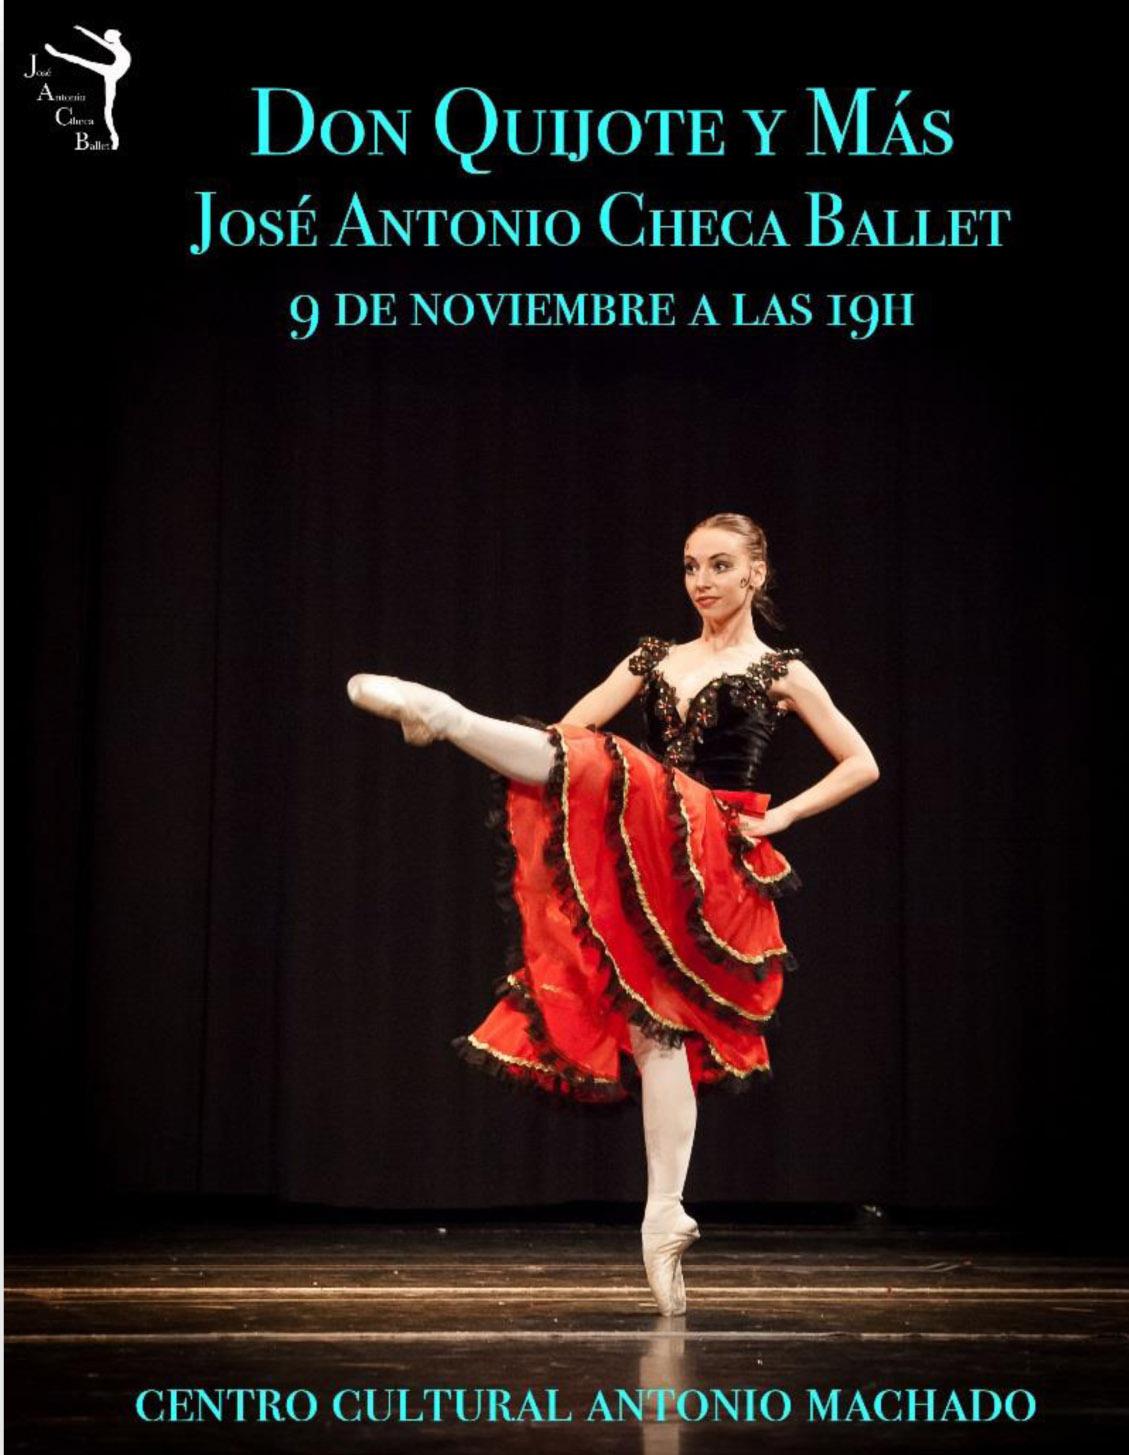 La Compañía de José Antonio Checa que presentará su ballet Don Quijote y Más